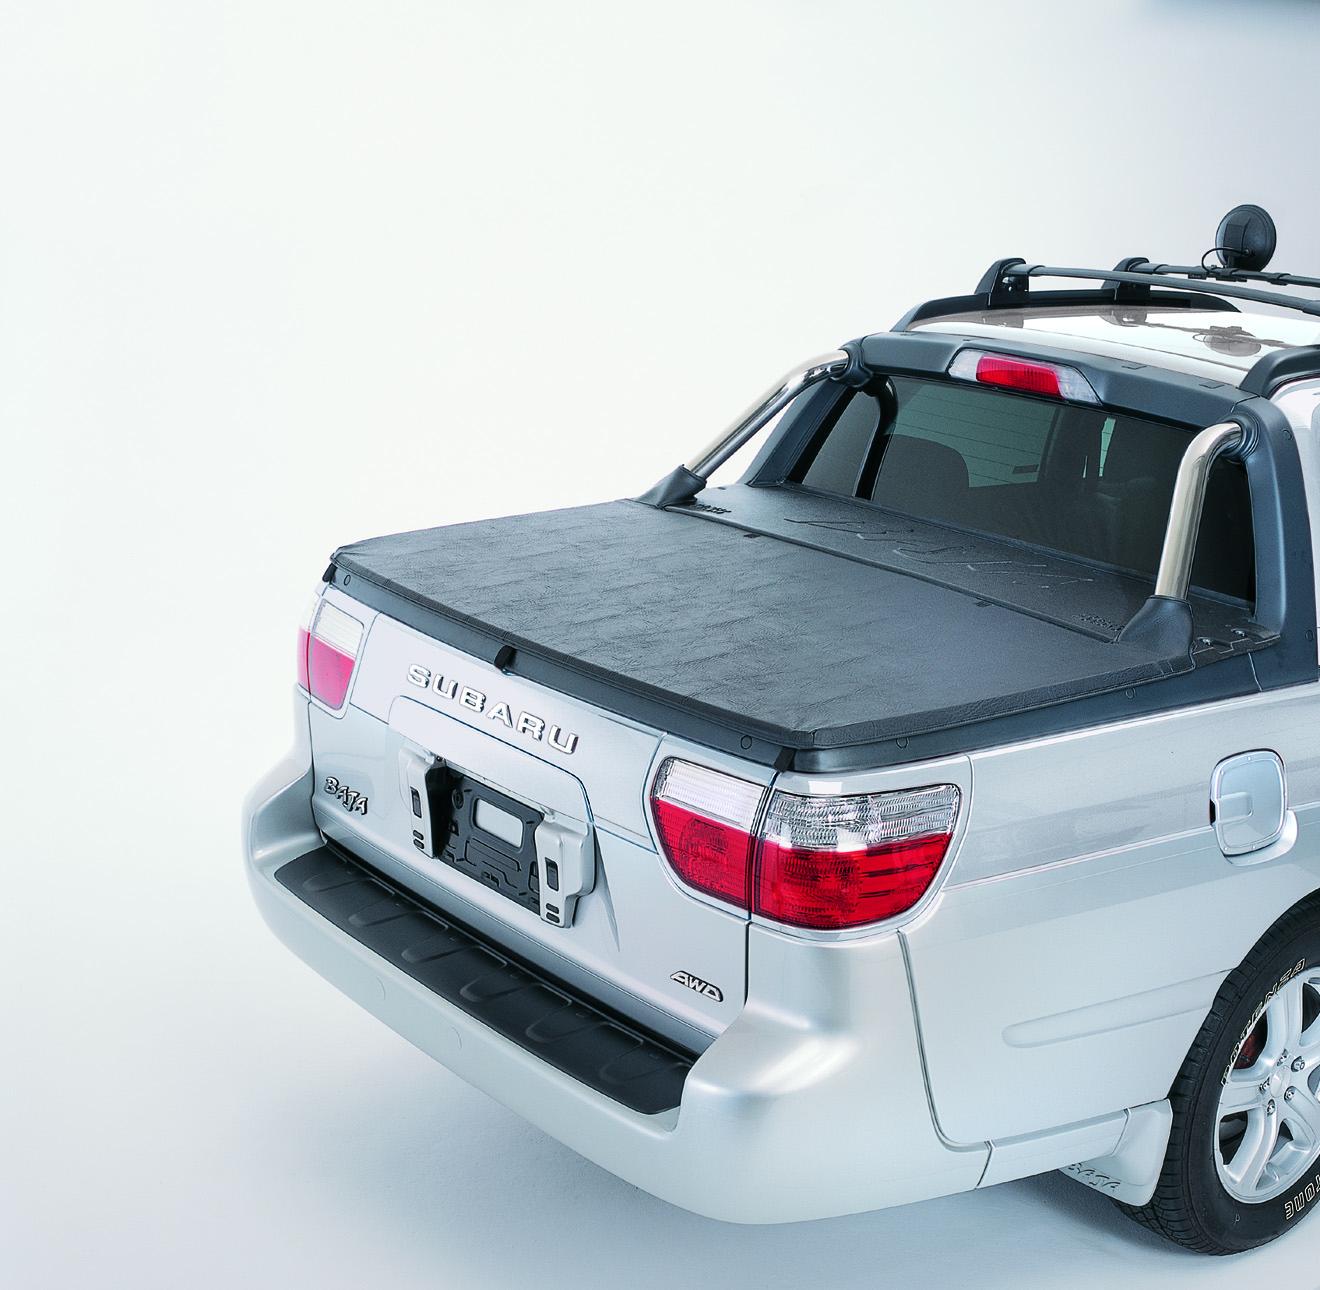 Subaru Baja Bed Cover Kit